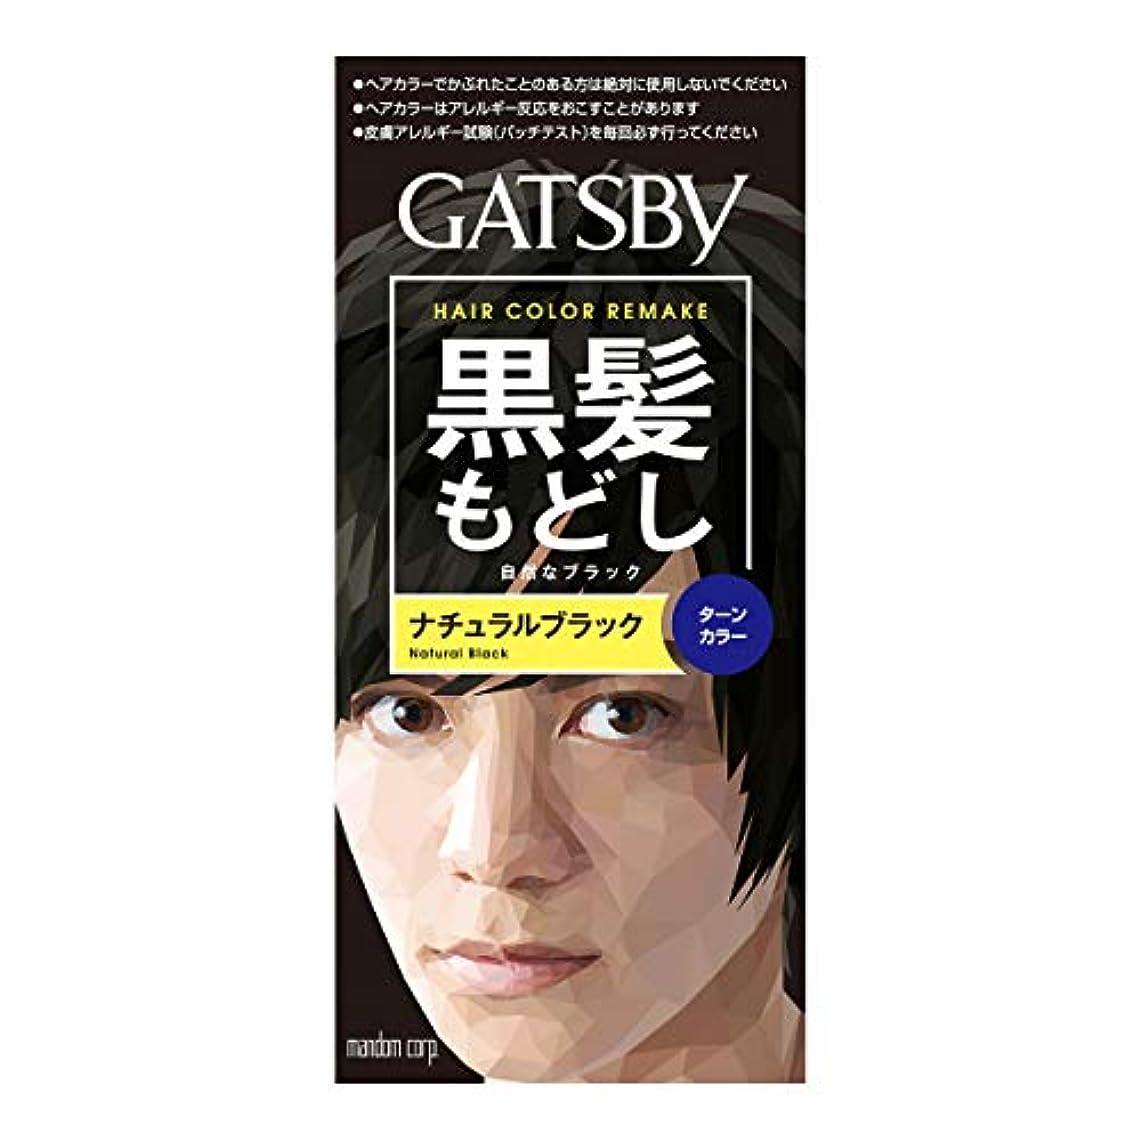 データ事前に抜粋GATSBY(ギャツビー) ターンカラー ナチュラルブラック 1剤35g 2剤70mL (医薬部外品)